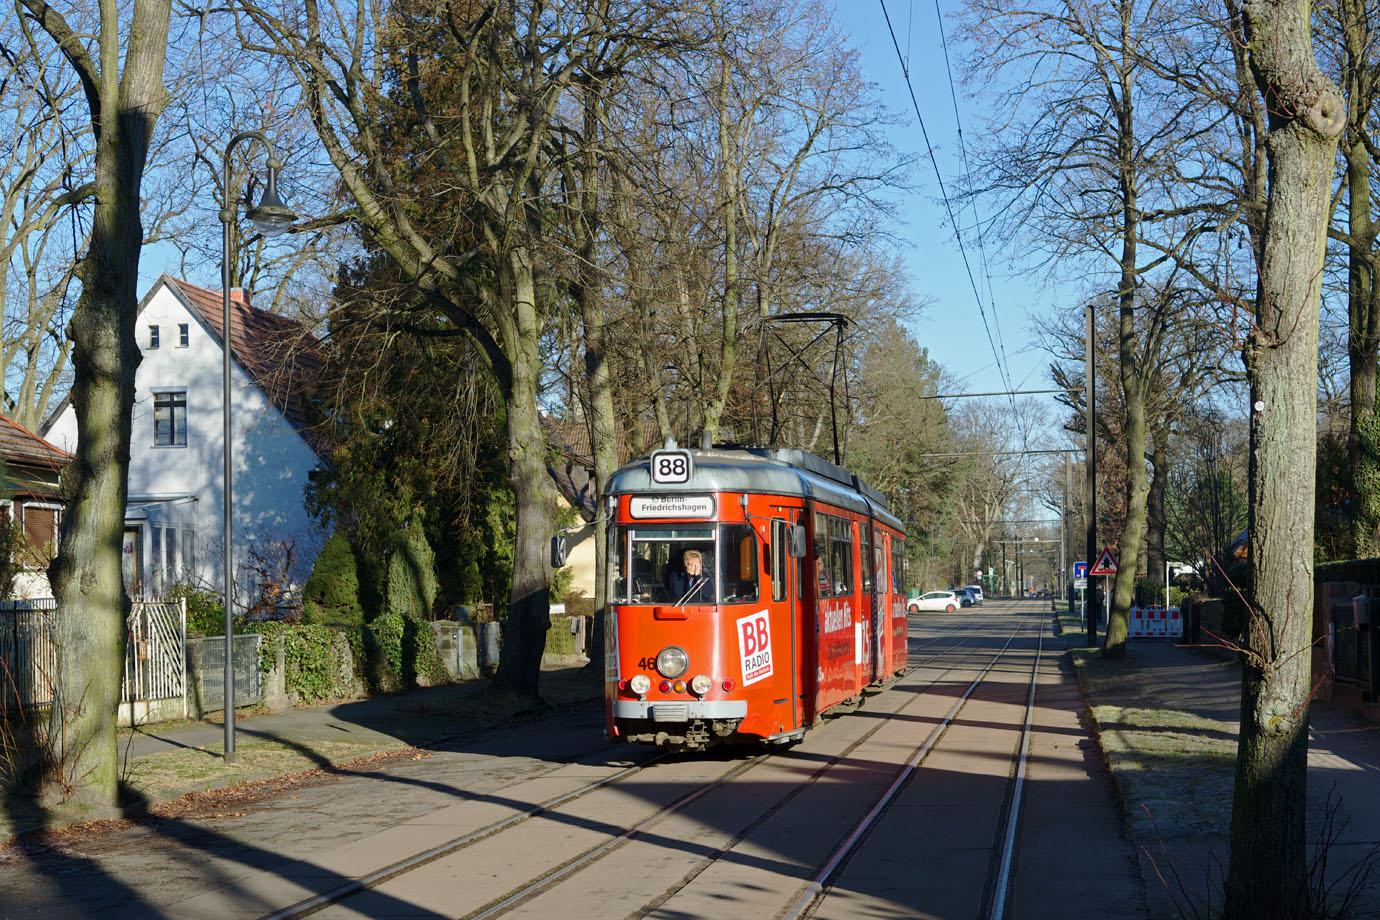 http://www.wortundgestalt-webservices.de/foren/dso/tram_88/_D789656.jpg